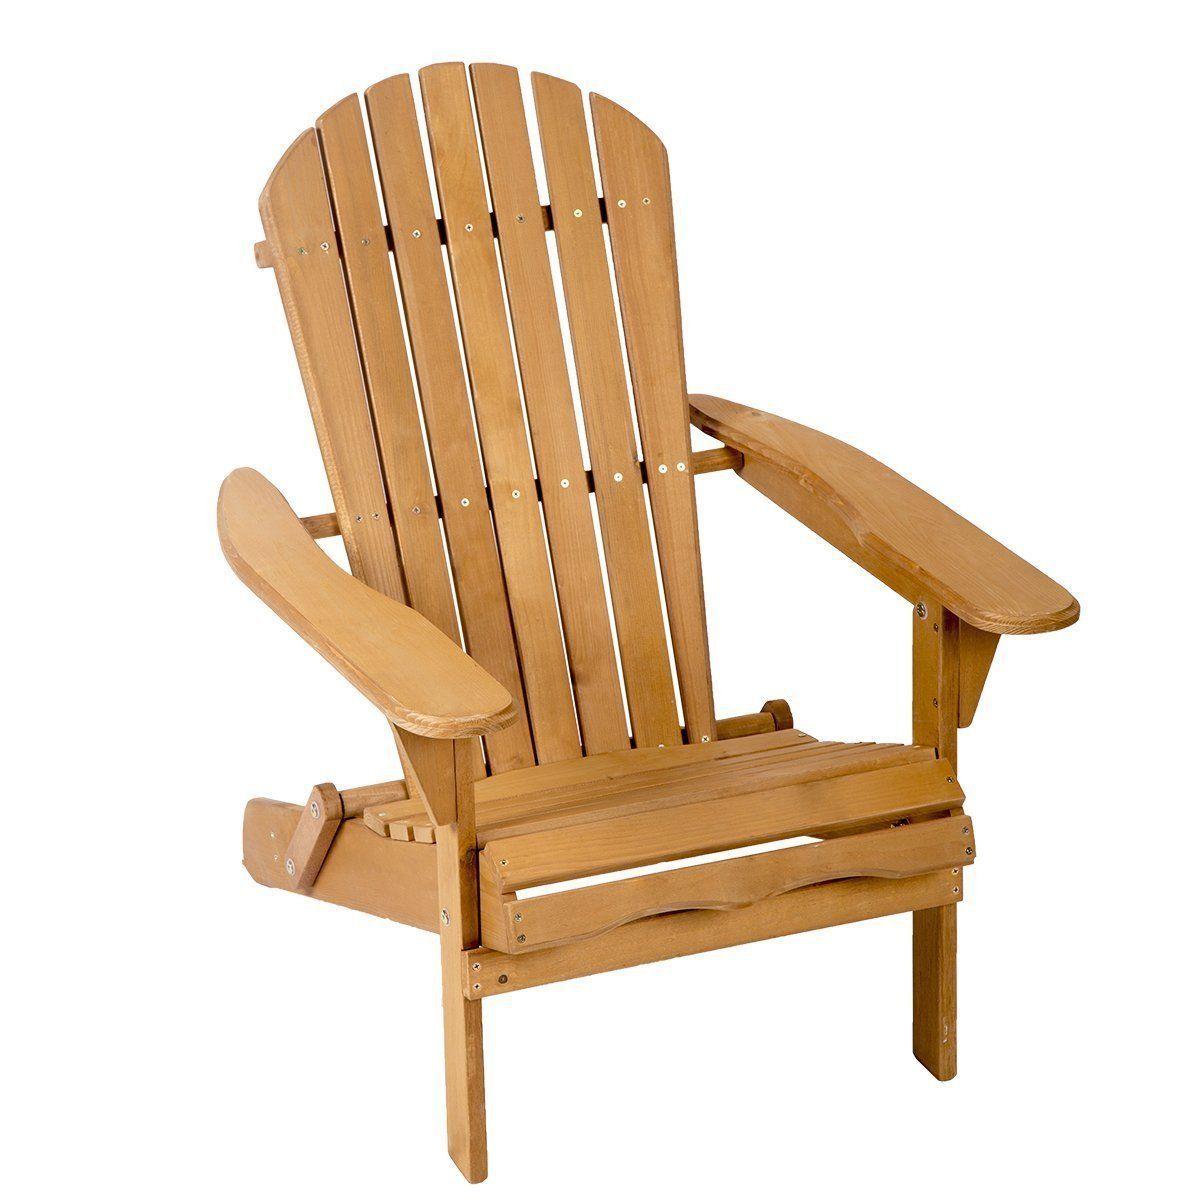 Compre nueva al aire libre de madera adirondack silla for Jardin al aire libre de madera deco